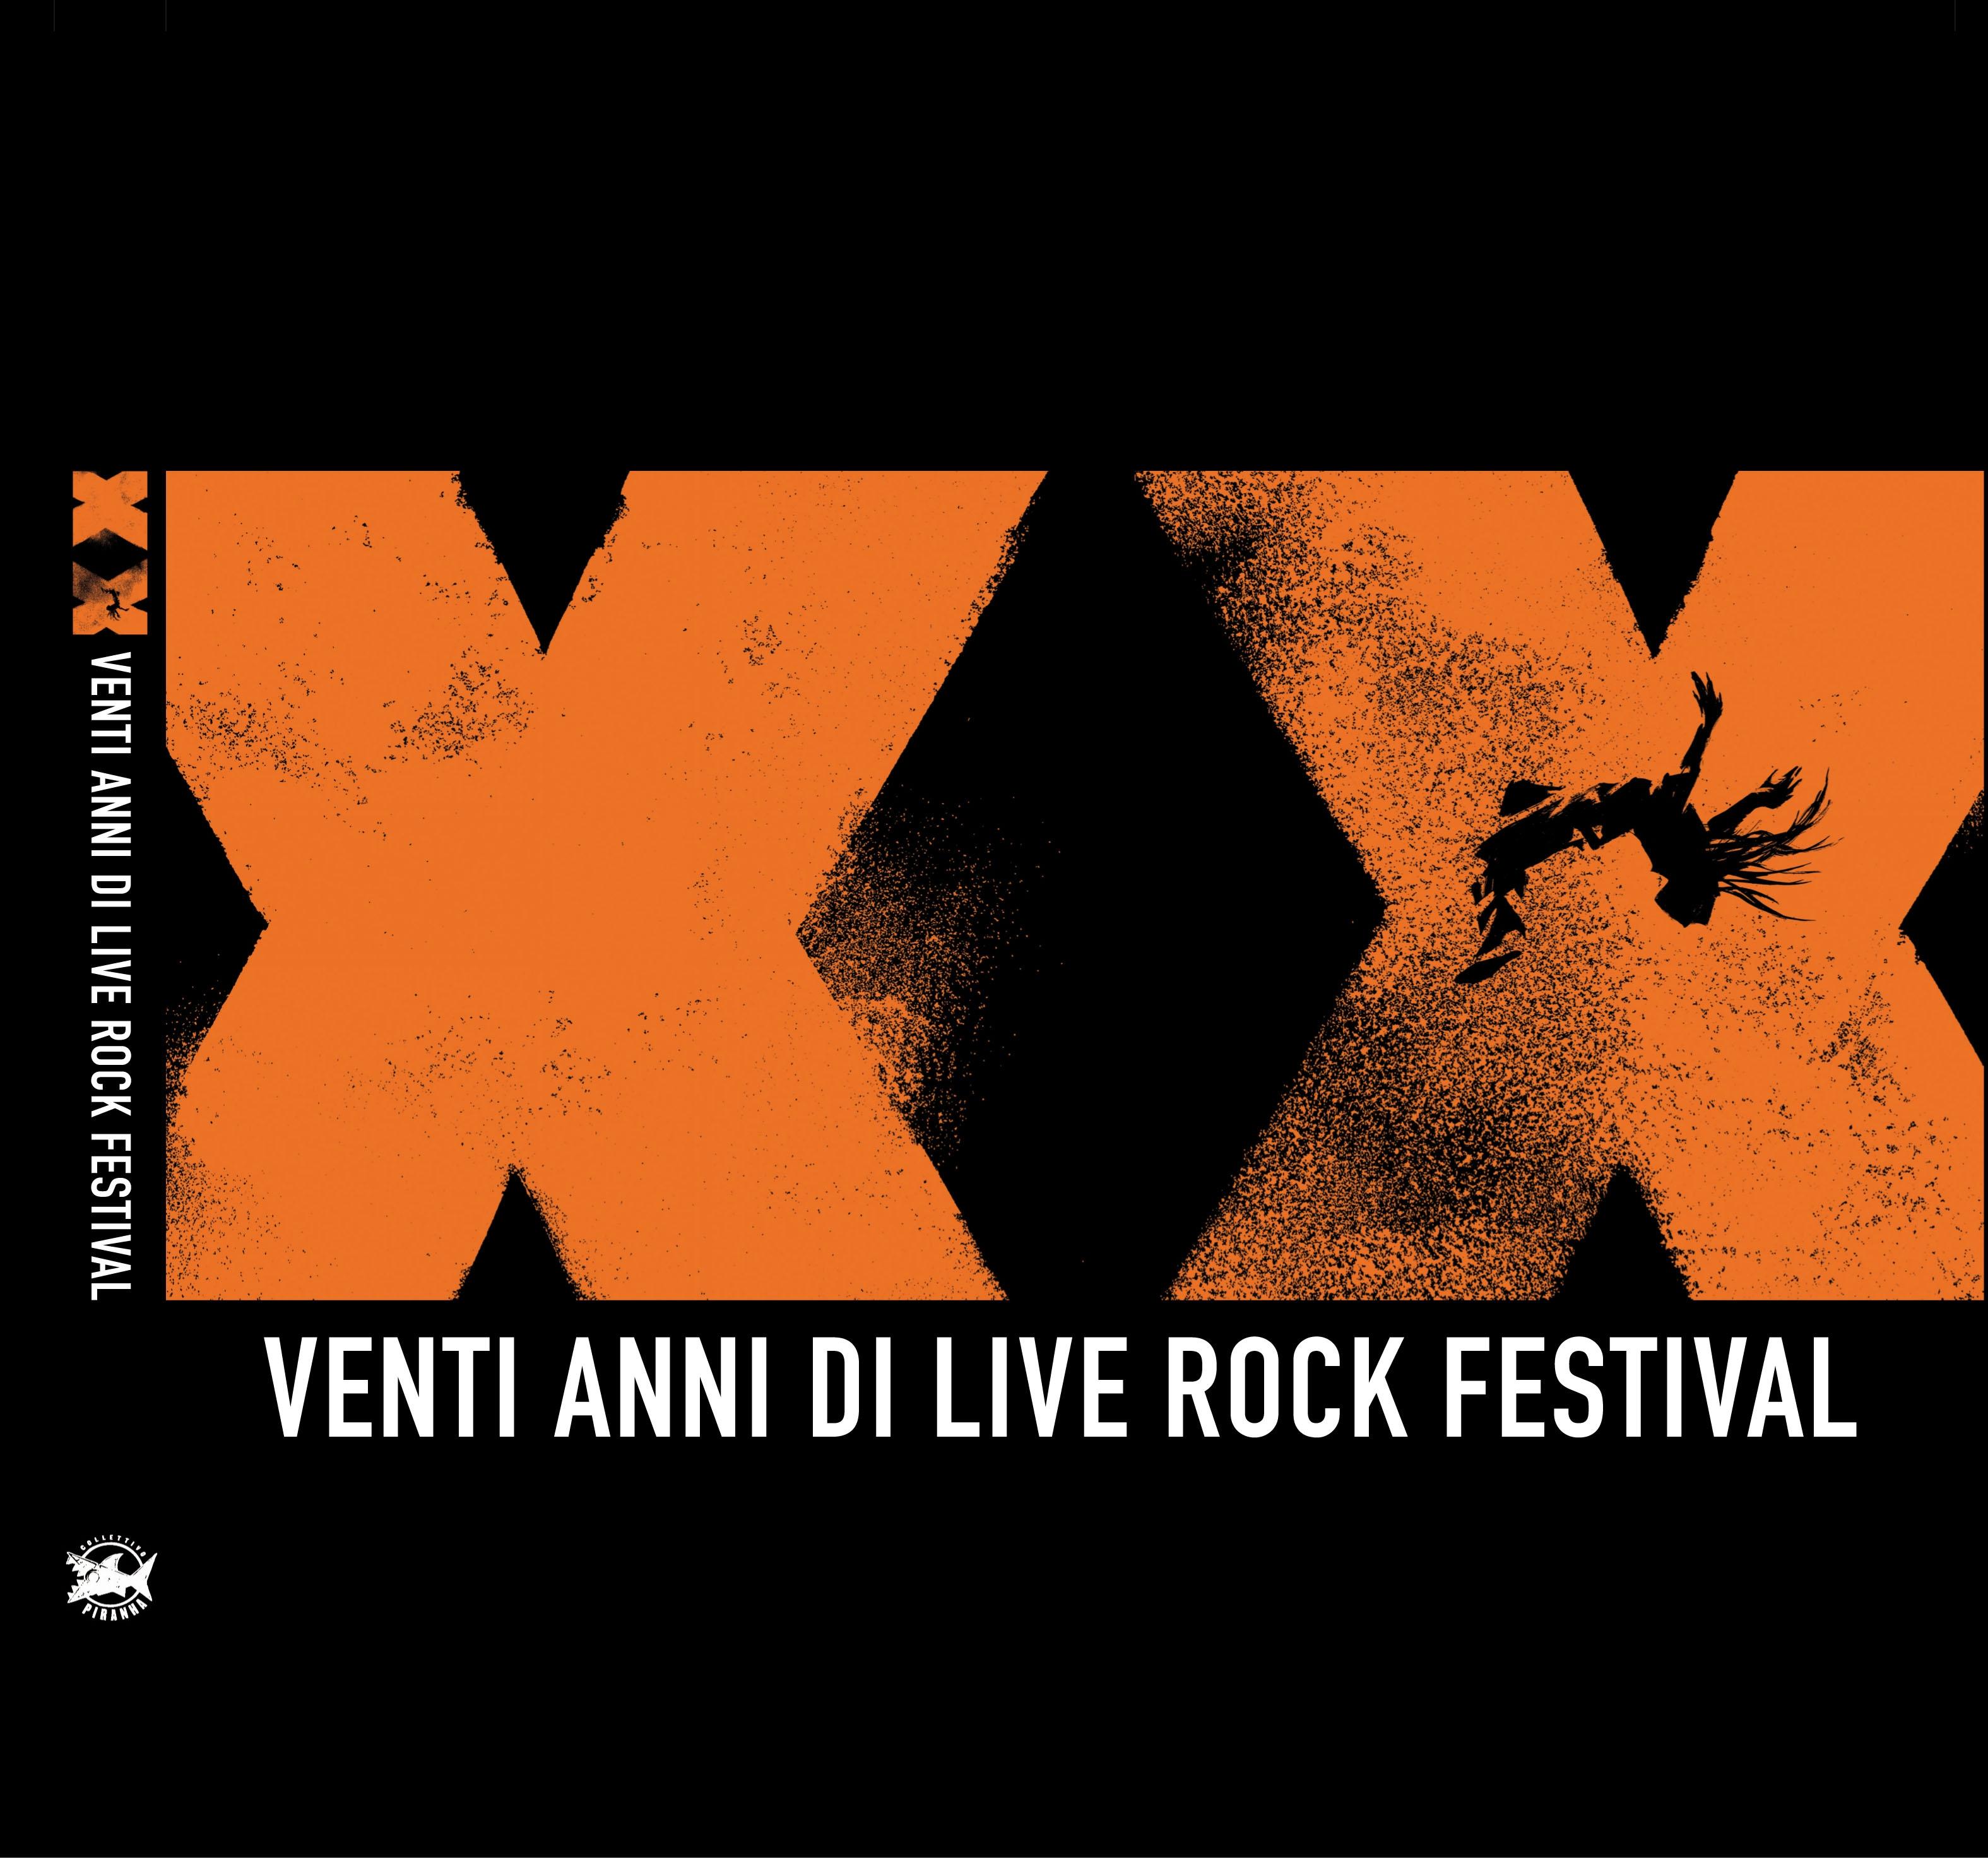 Un libro dedicato ai venti anni del Live Rock Festival di Acquaviva